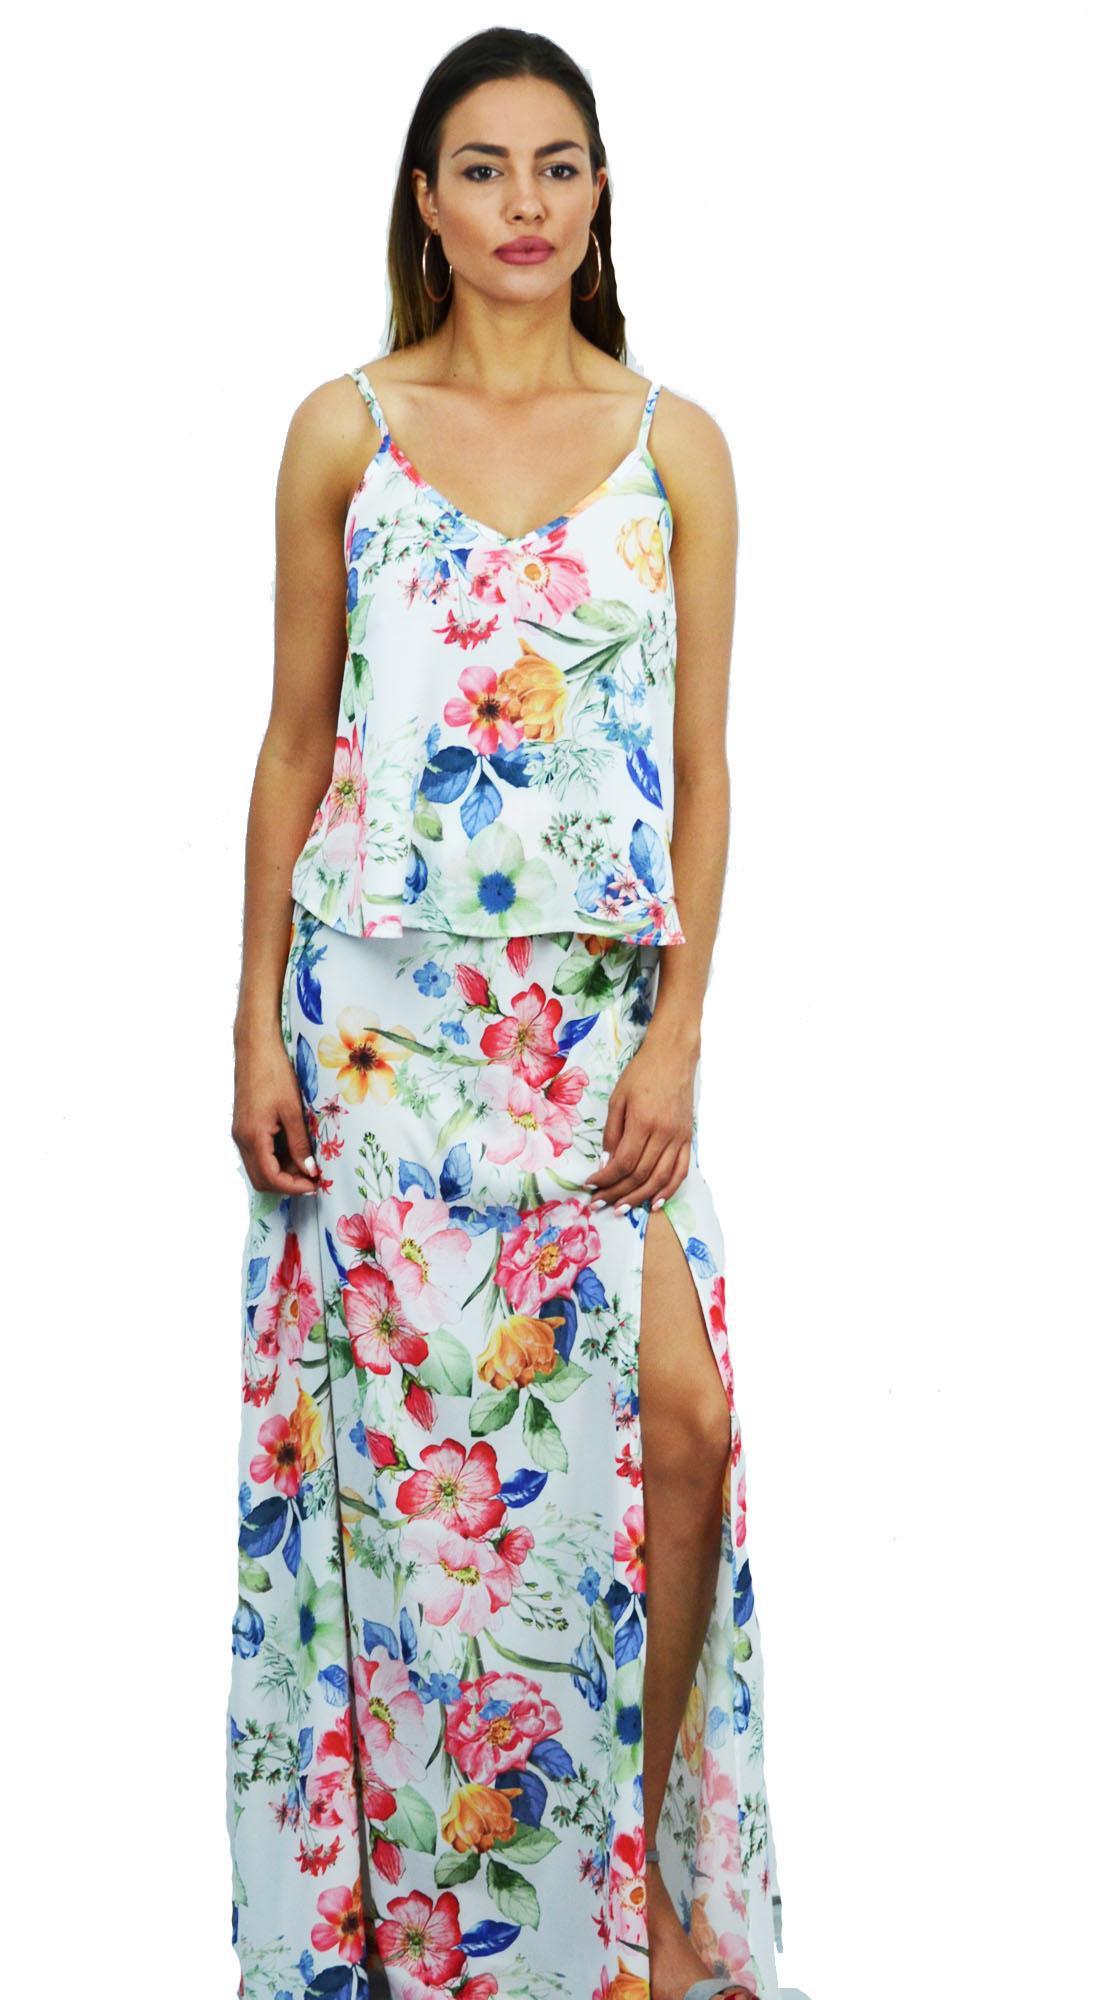 Γυναικείο Σετ Top & Φούστα με εμπριμέ Floral Prints - OEM - S17ON-93177-317791 glam occassions wedding shop